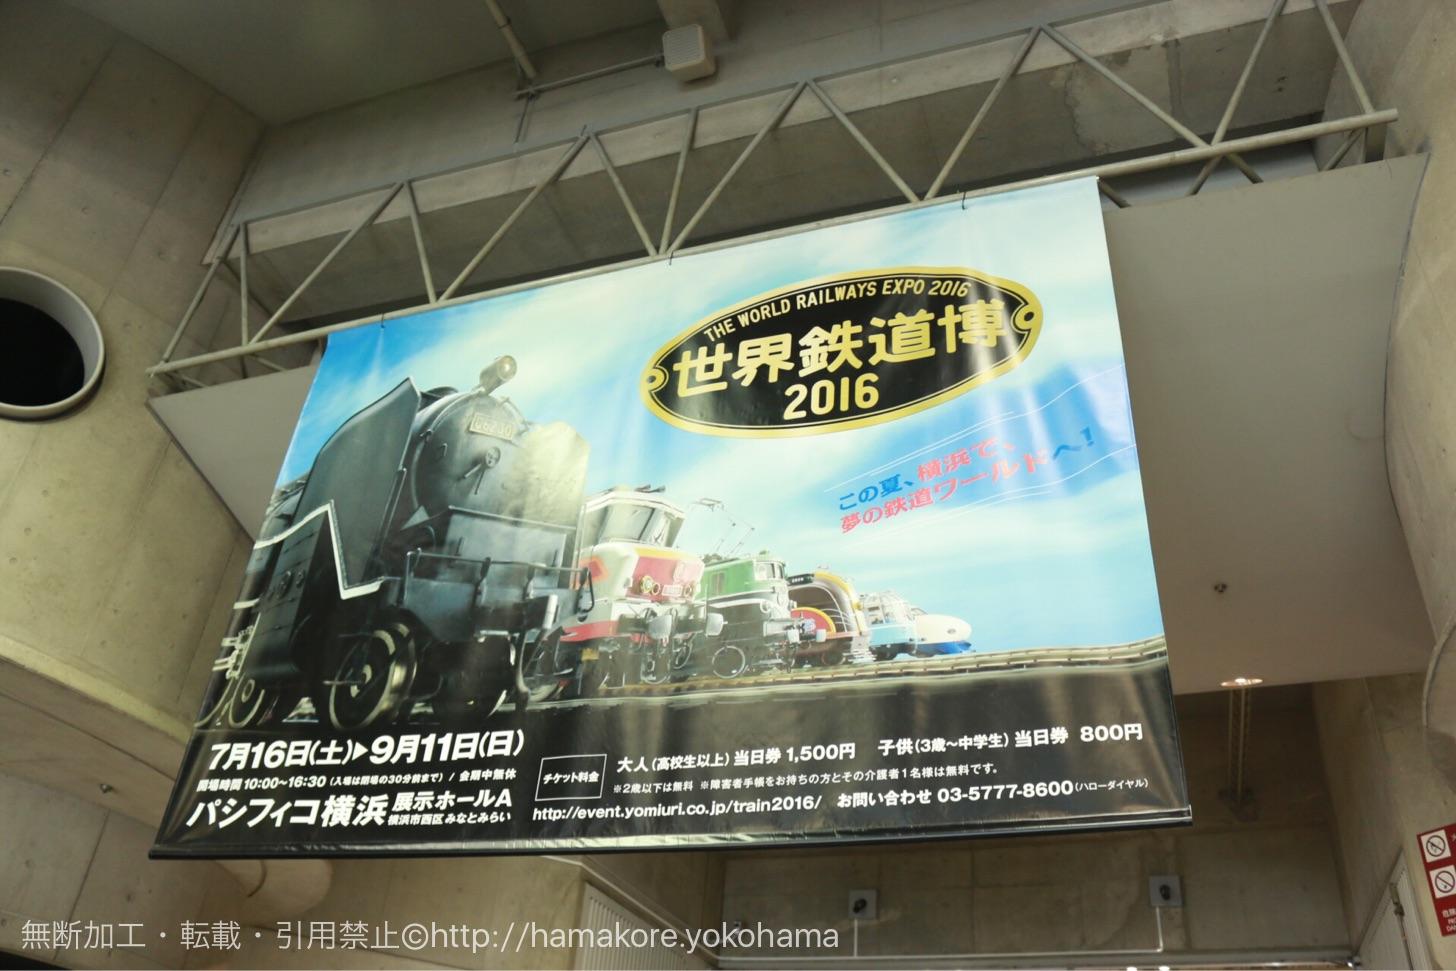 世界鉄道博2016